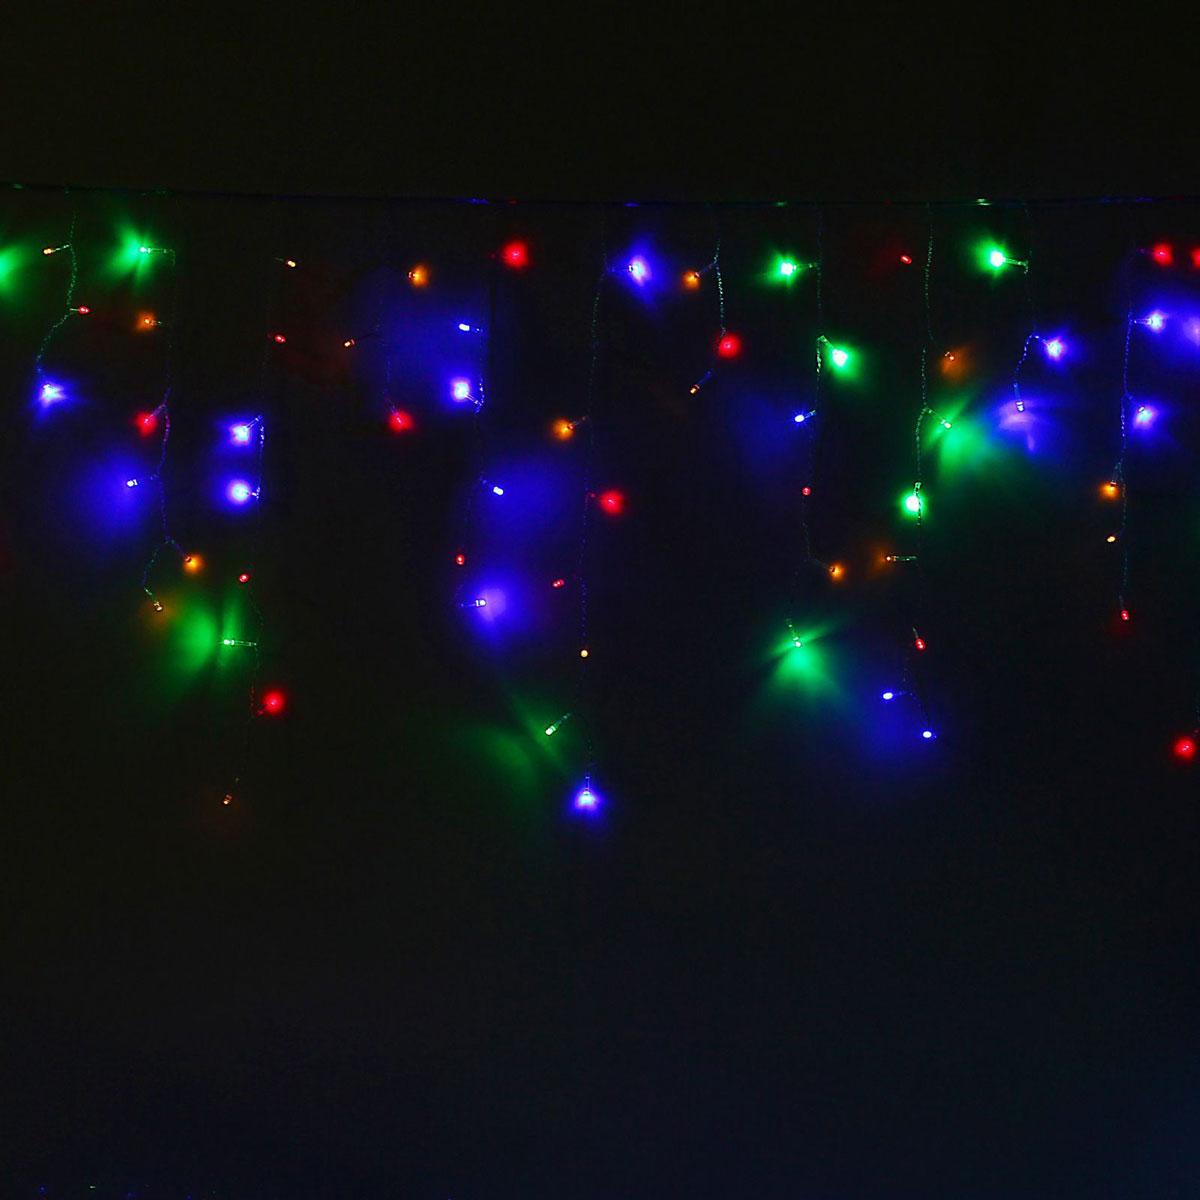 Гирлянда светодиодная Luazon Бахрома, 8 режимов, 299 ламп, 220 V, цвет: мультиколор, 5,2 х 0,6 м. 10804191080419Светодиодные гирлянды, ленты и т.д — это отличный вариант для новогоднего оформления интерьера или фасада. С их помощью помещение любого размера можно превратить в праздничный зал, а внешние элементы зданий, украшенные ими, мгновенно станут напоминать очертания сказочного дворца. Такие украшения создают ауру предвкушения чуда. Деревья, фасады, витрины, окна и арки будто специально созданы, чтобы вы украсили их светящимися нитями.